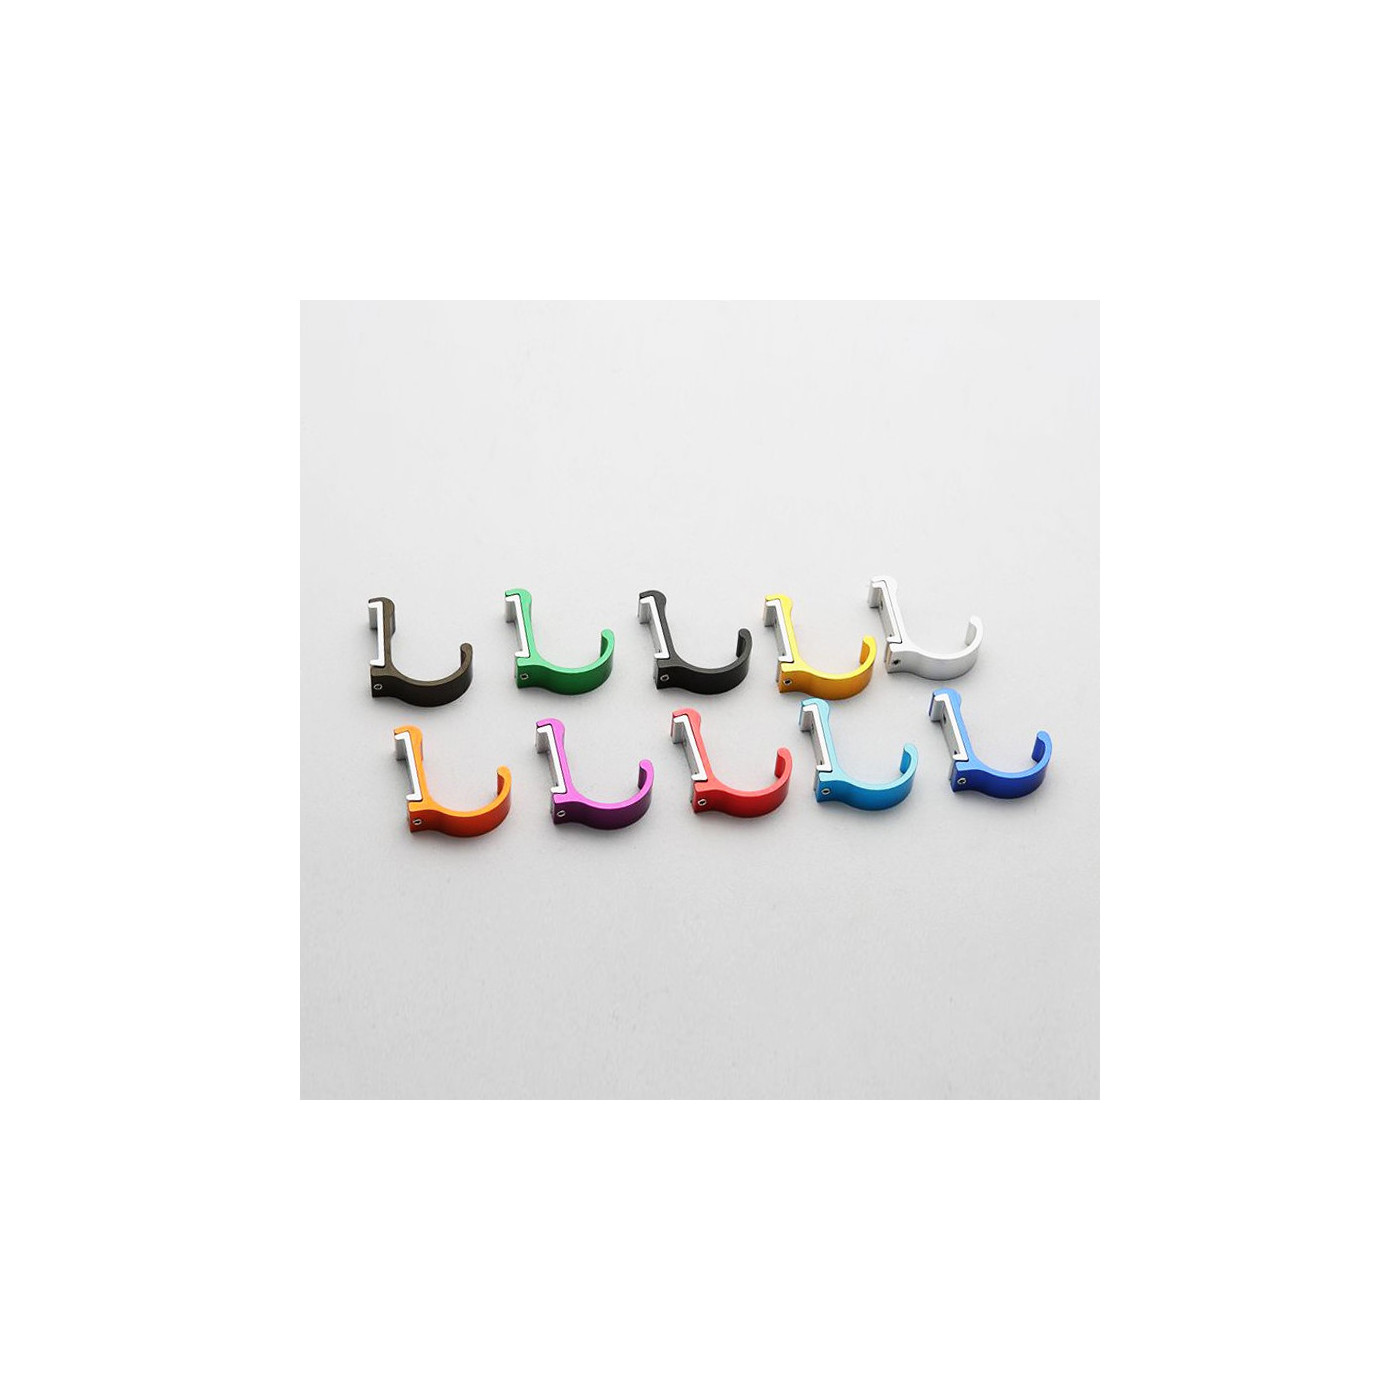 Set von 10 Aluminium-Kleiderhaken / Garderoben (gebogen, silber)  - 1